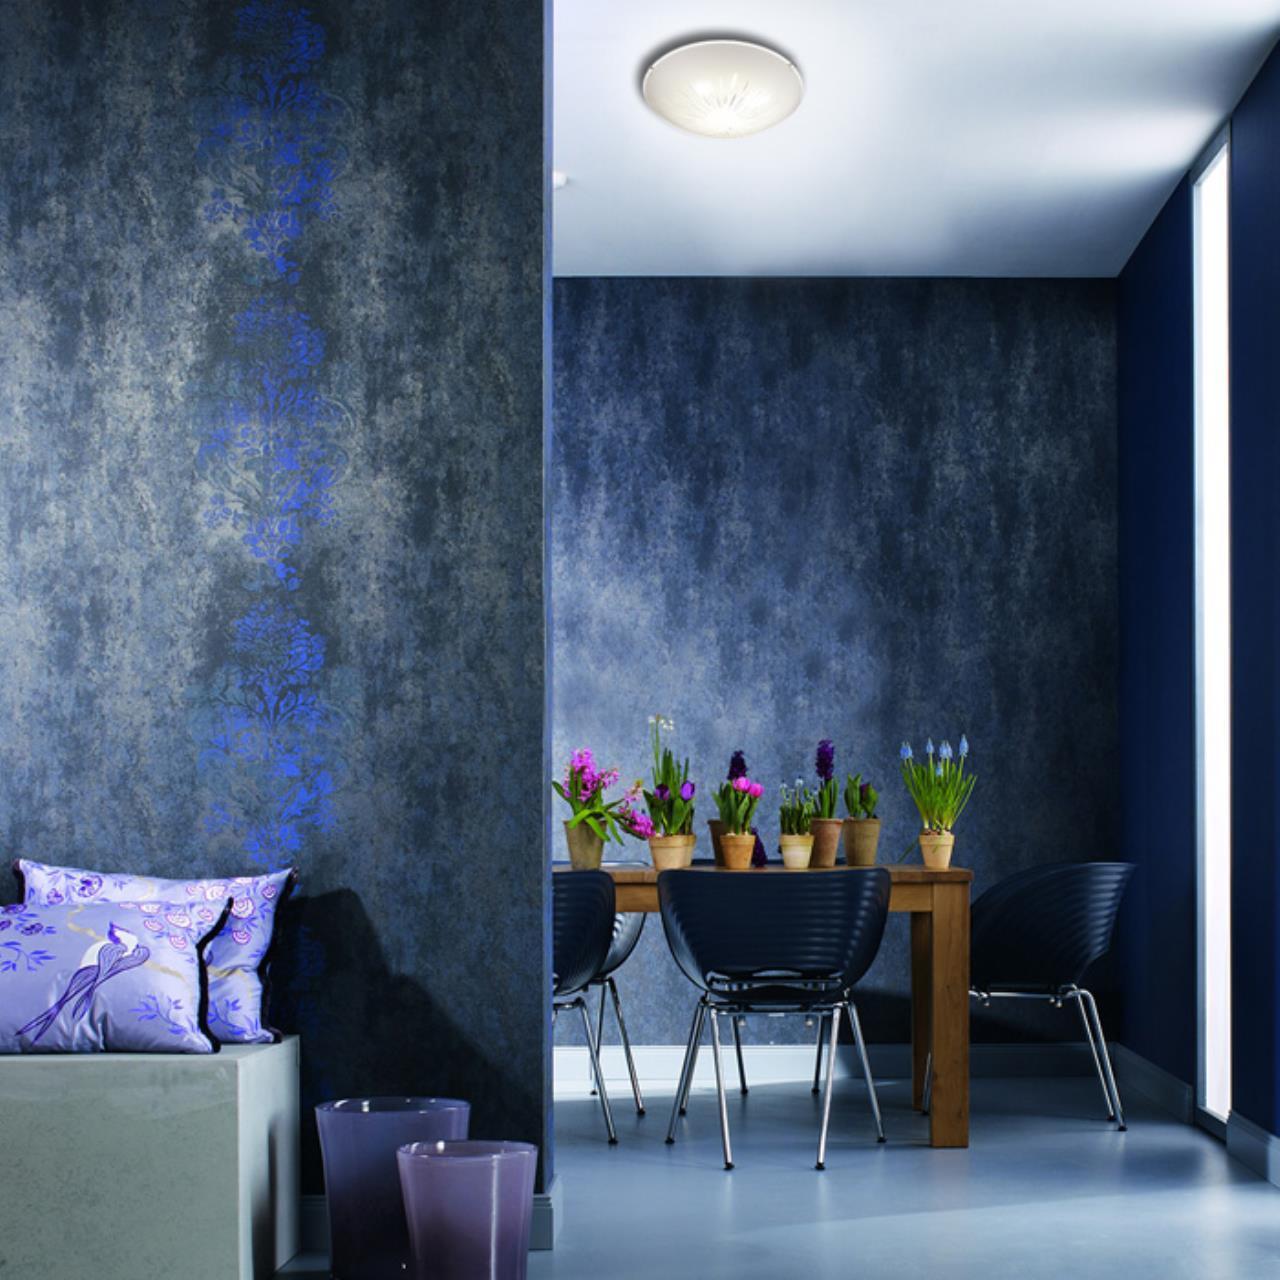 Потолочный светодиодный светильник Sonex Lukka 2064/DL, LED 48W, хром, матовый, прозрачный, металл, стекло - фото 7